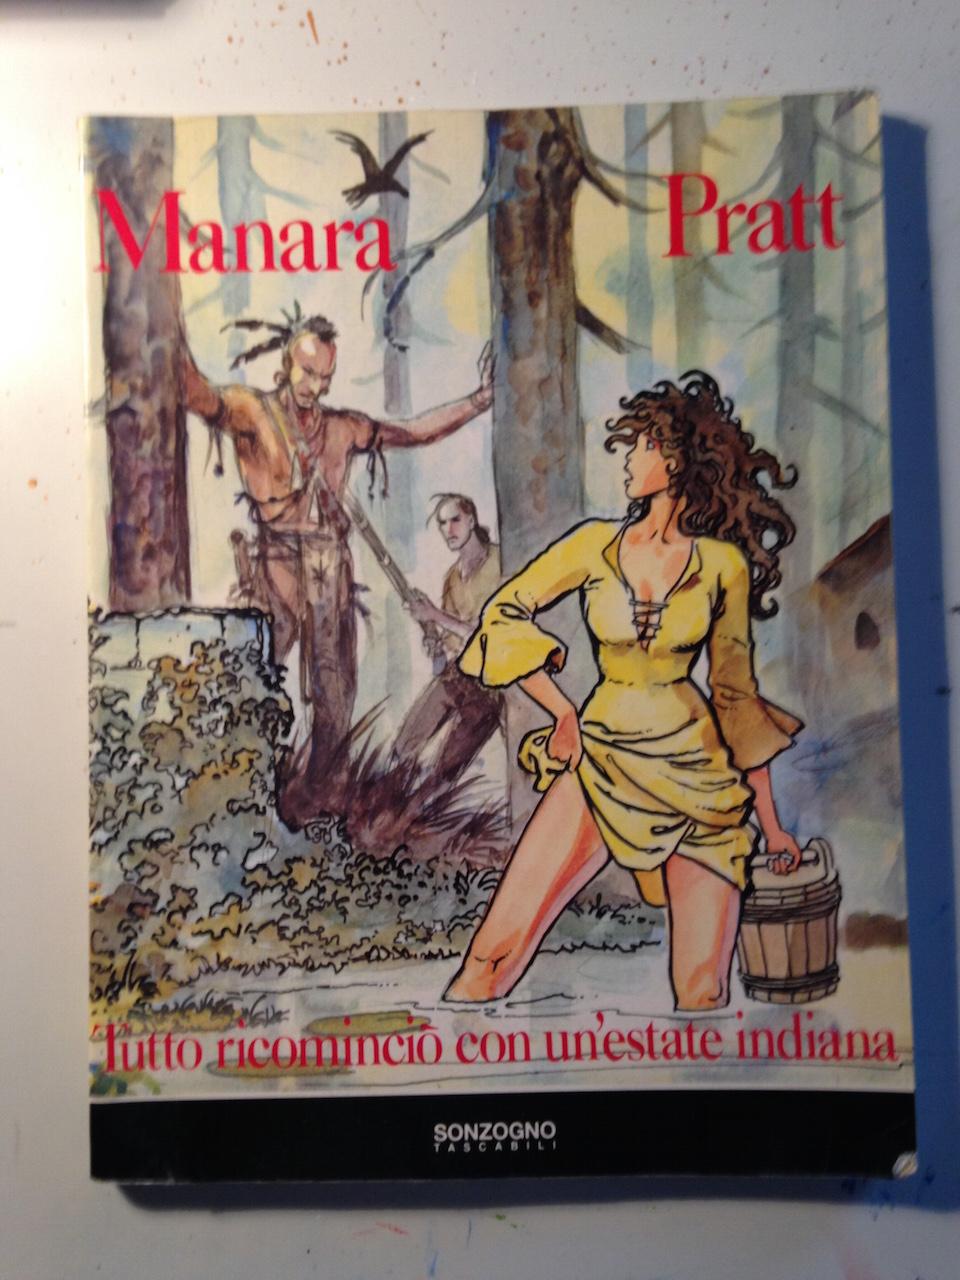 pratt_manara